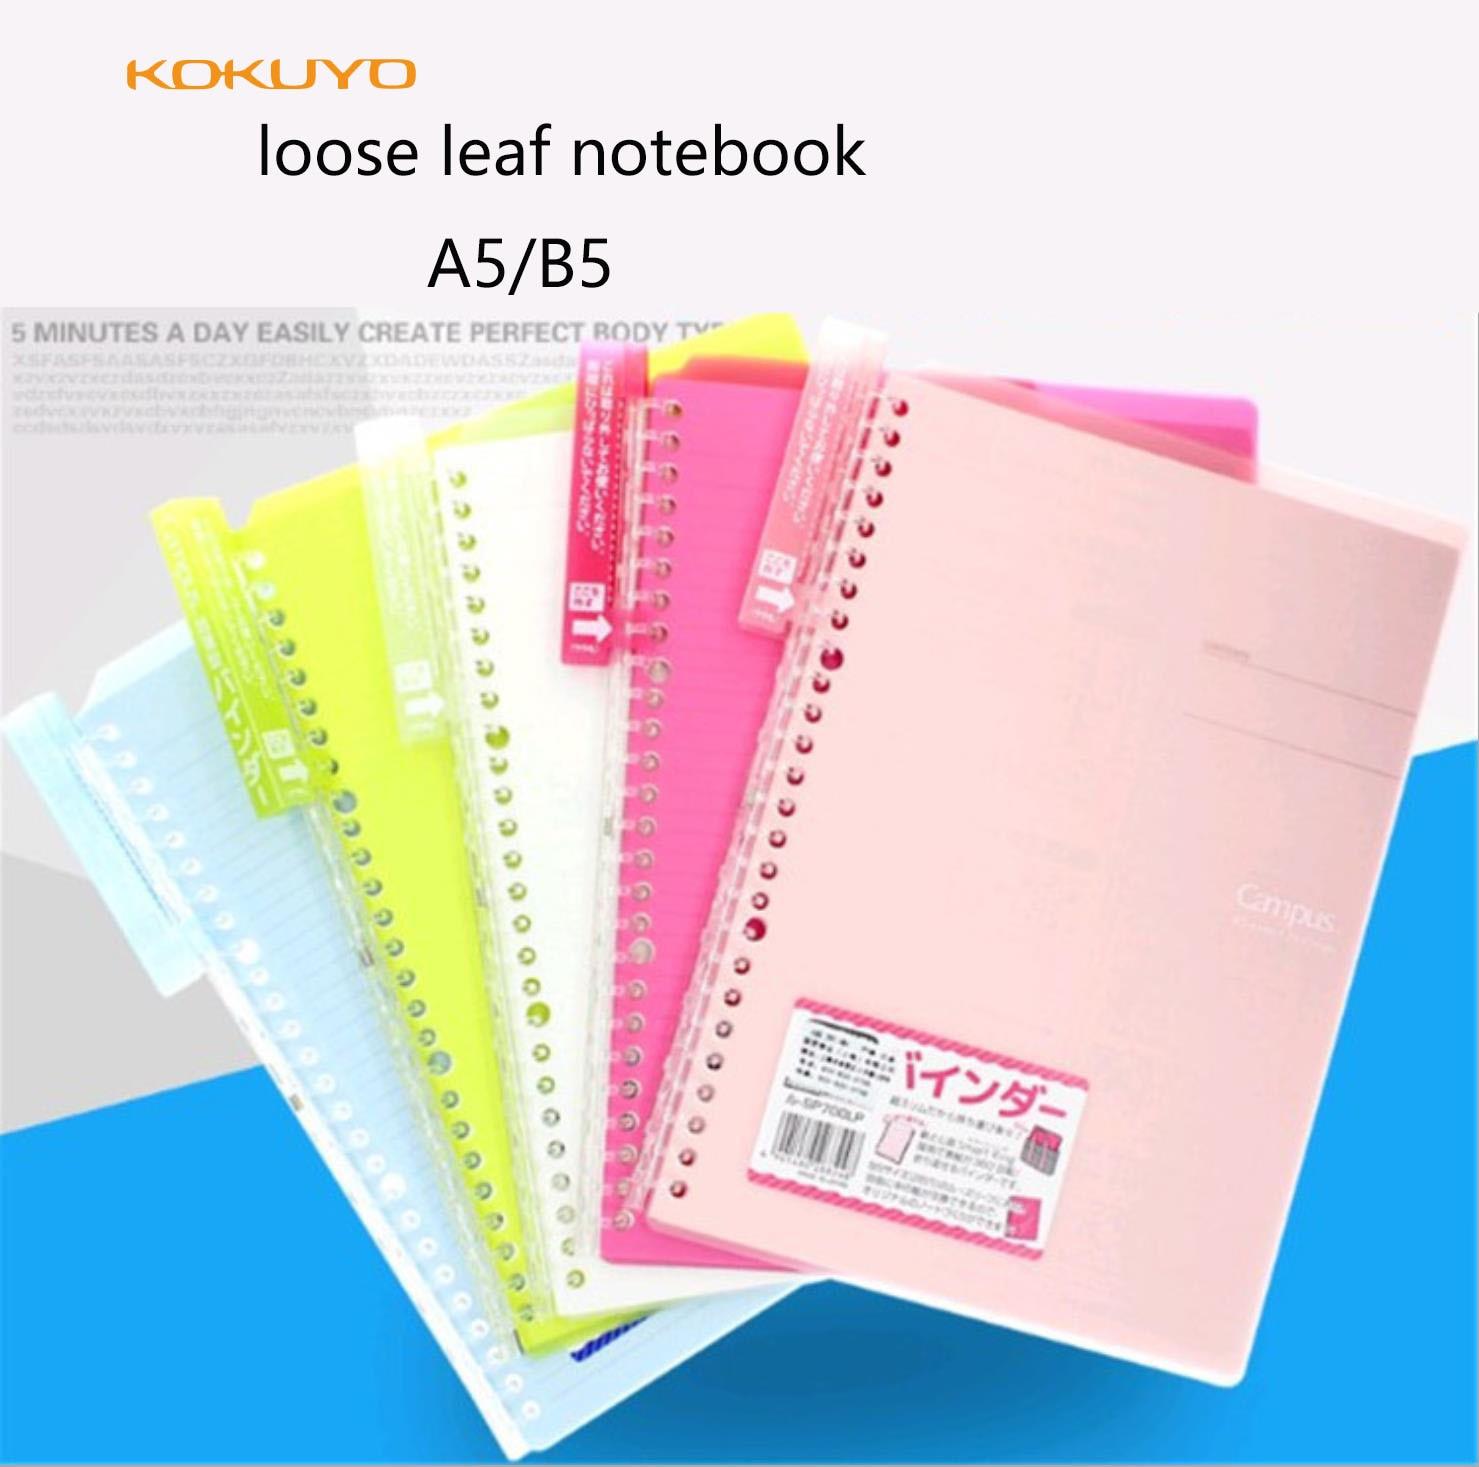 TUNACOCO A5/B5 Japón KOKUYO 10 Hoja de PVC cubierta de libro diario planificador de horario de hoja suelta interior cuaderno para bala diario bz1710112